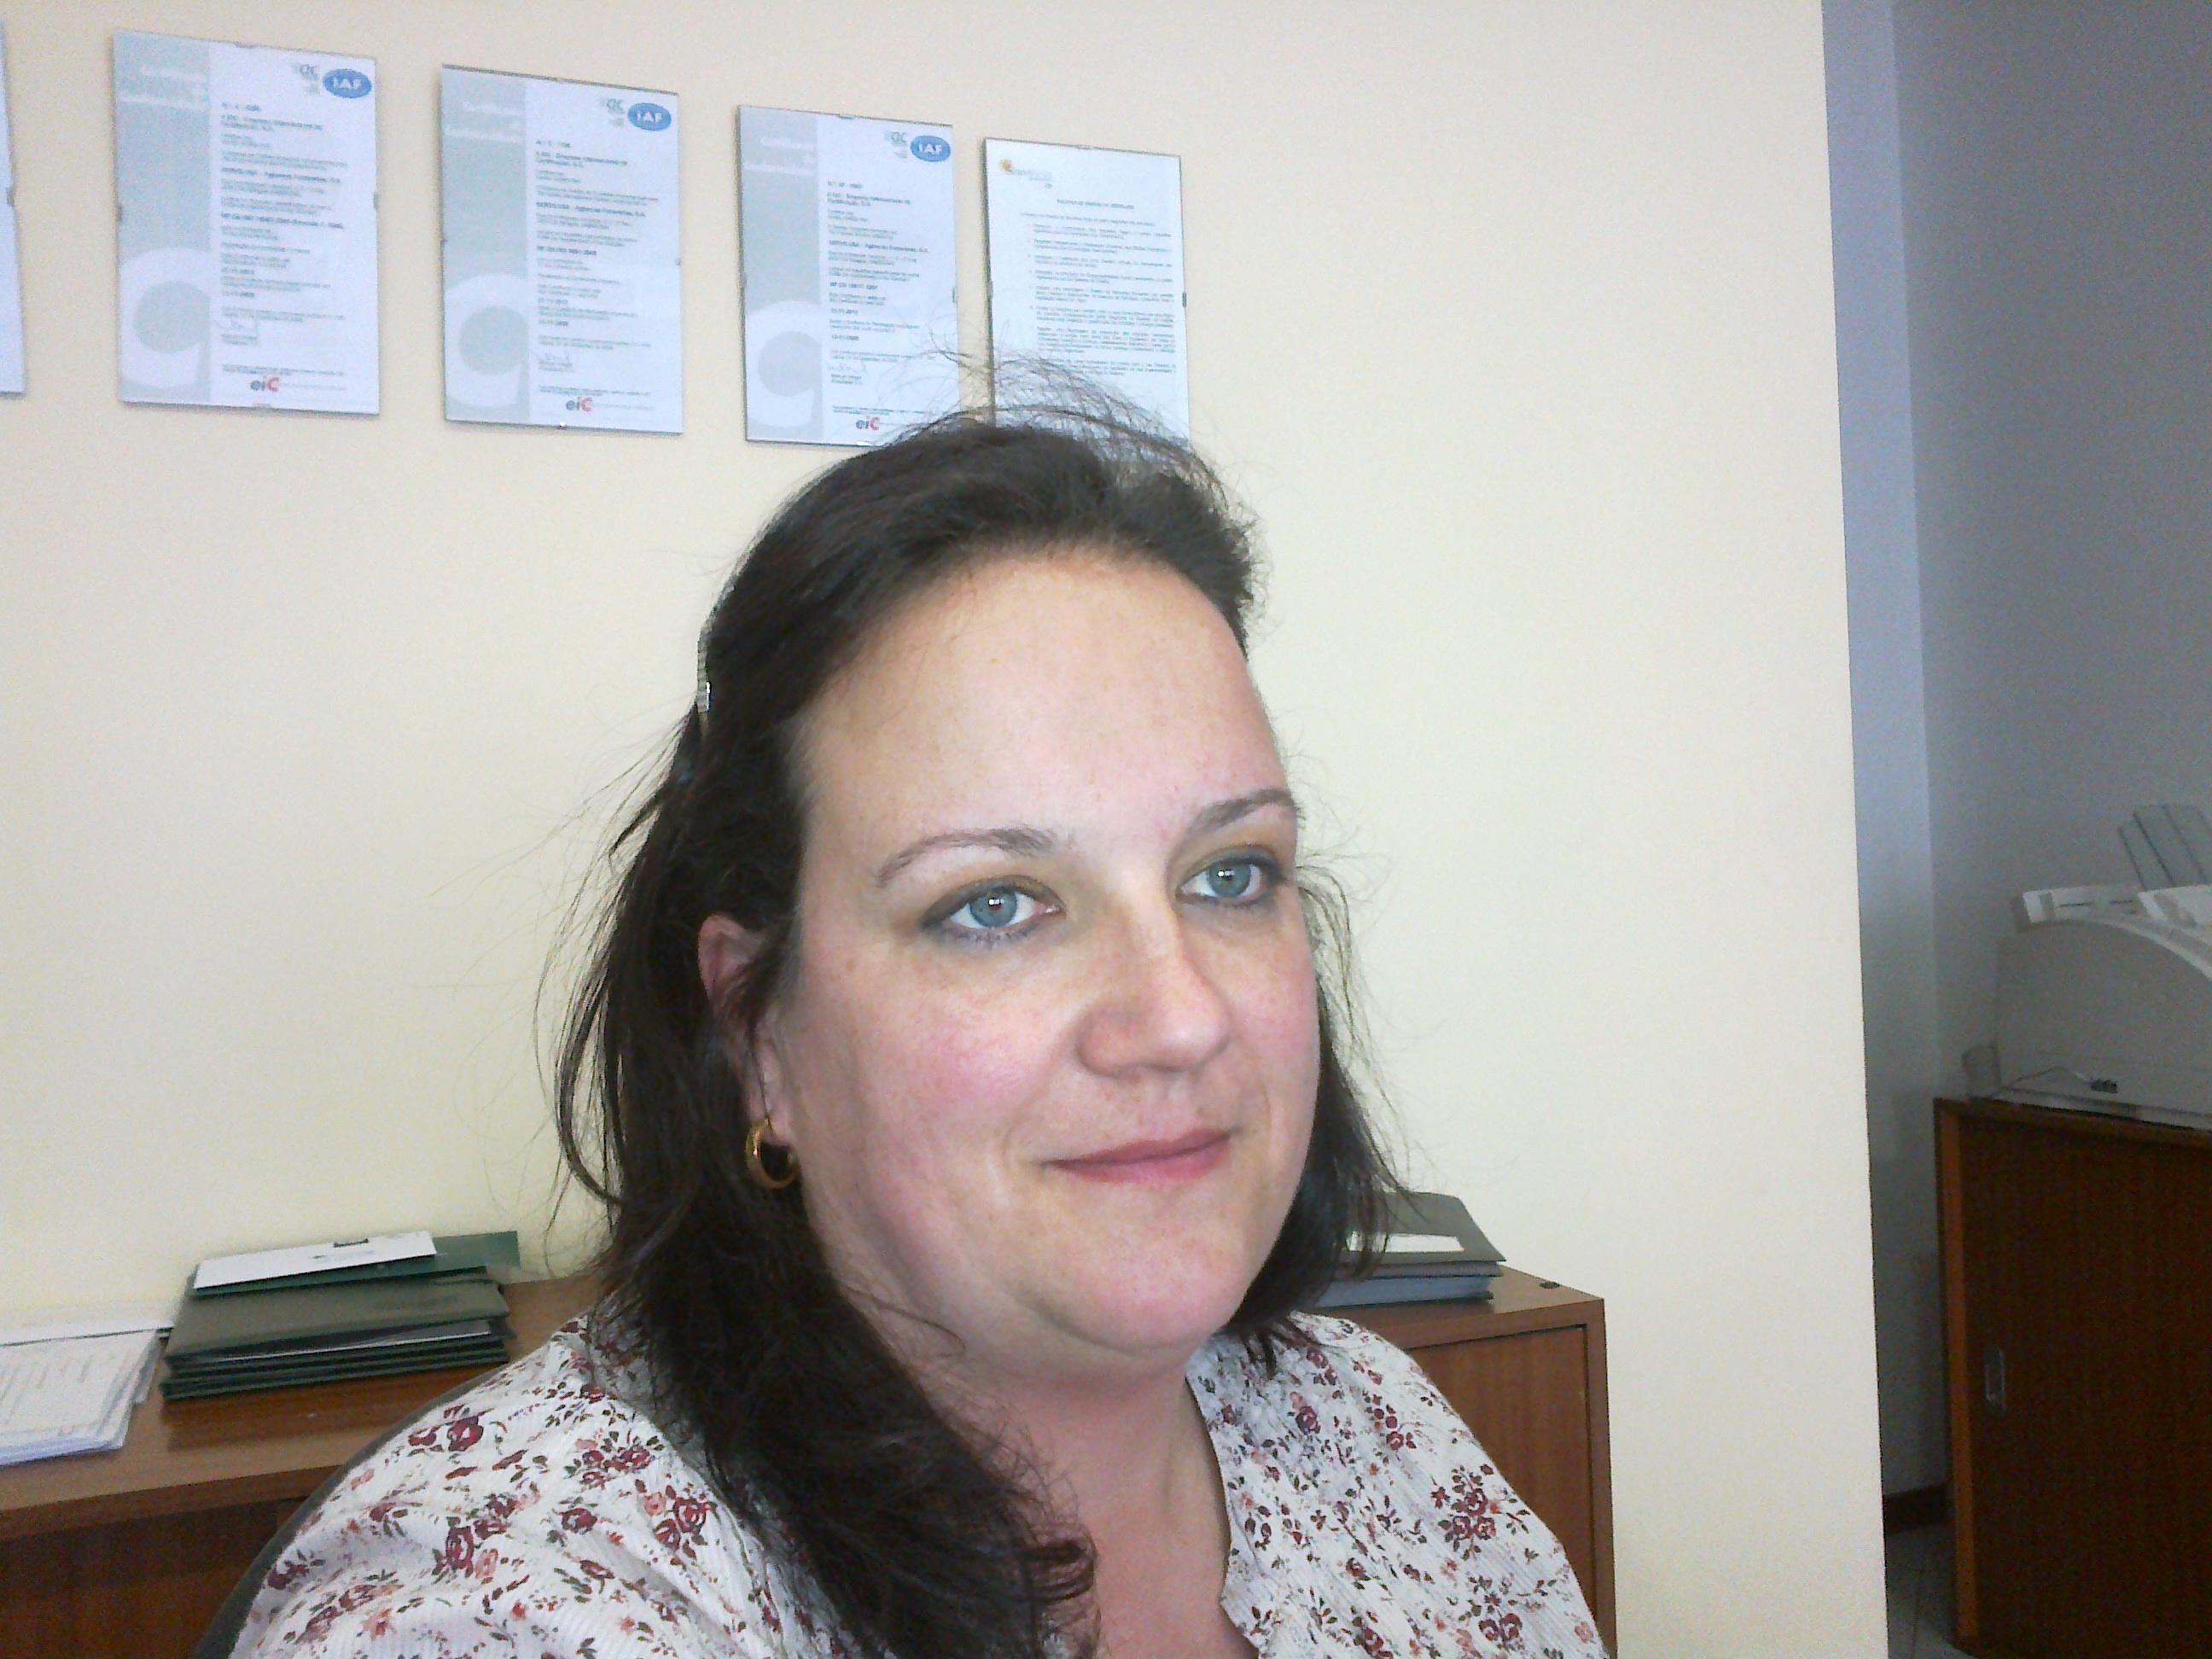 Pia Astrid Balmer dos Santos Tomé